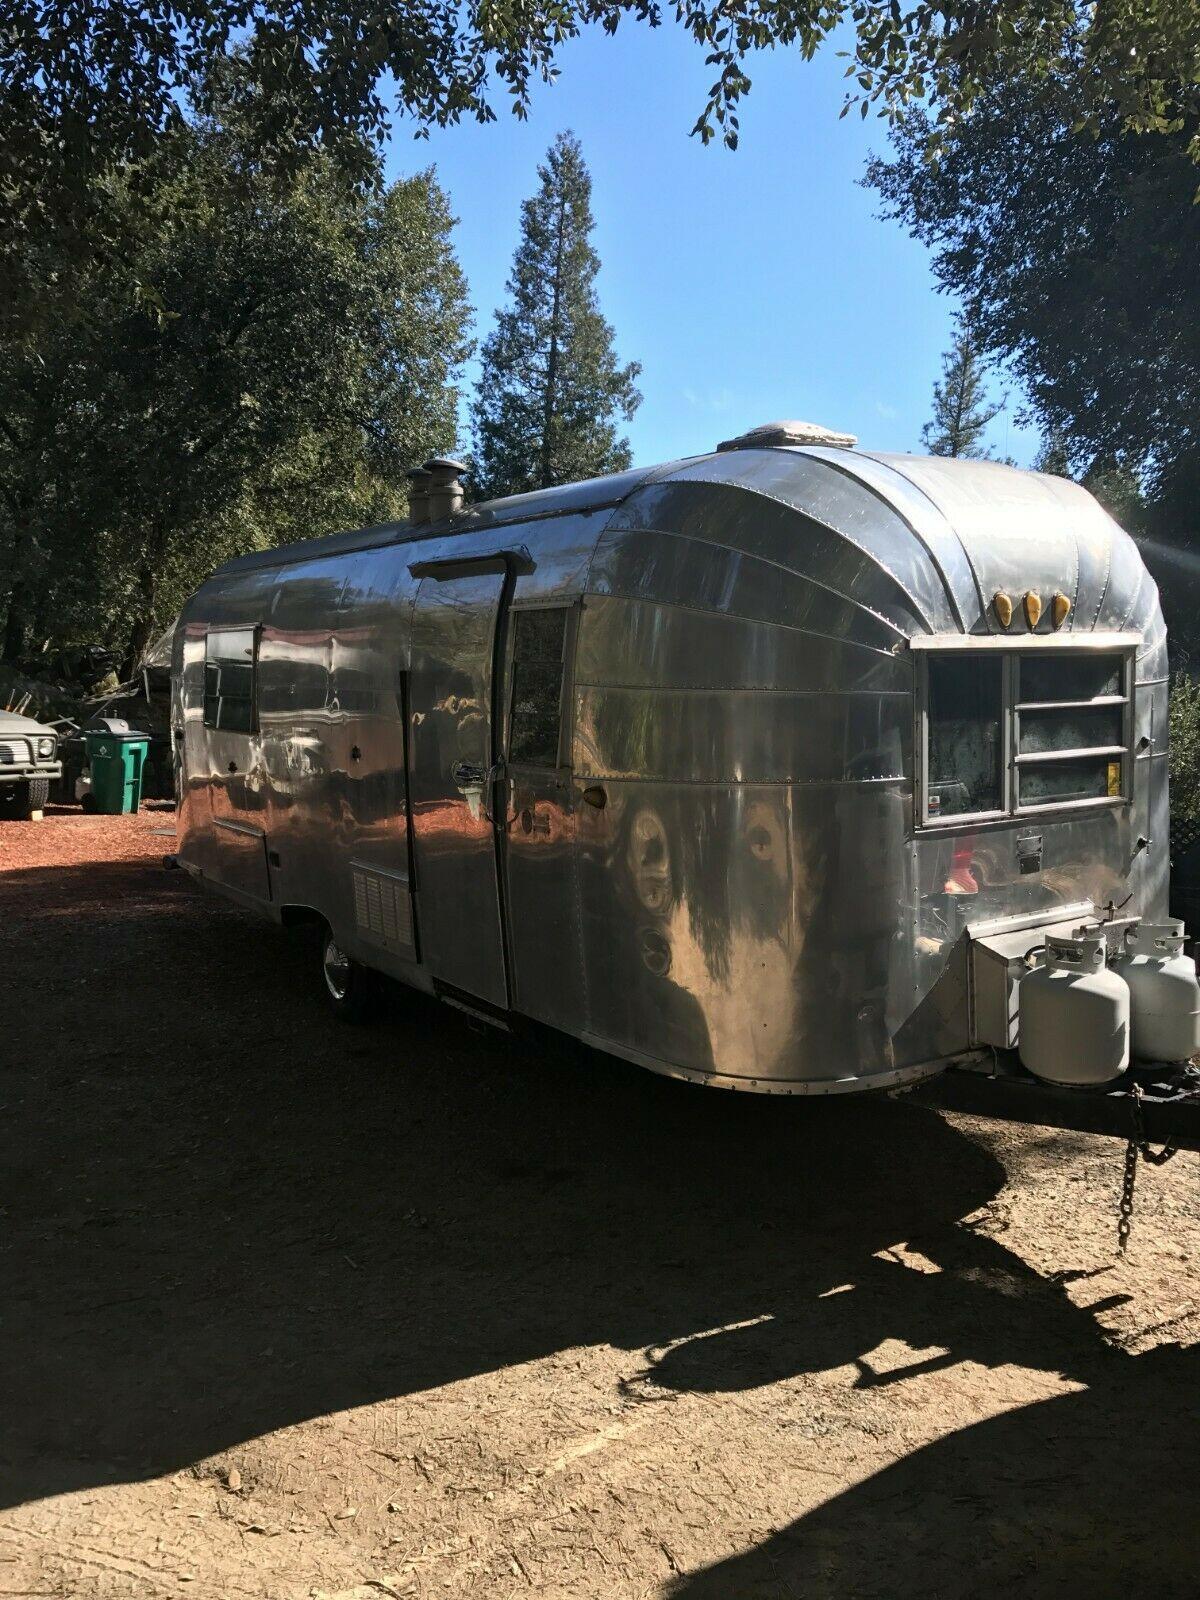 vintage 1962 Avion camper trailer for sale